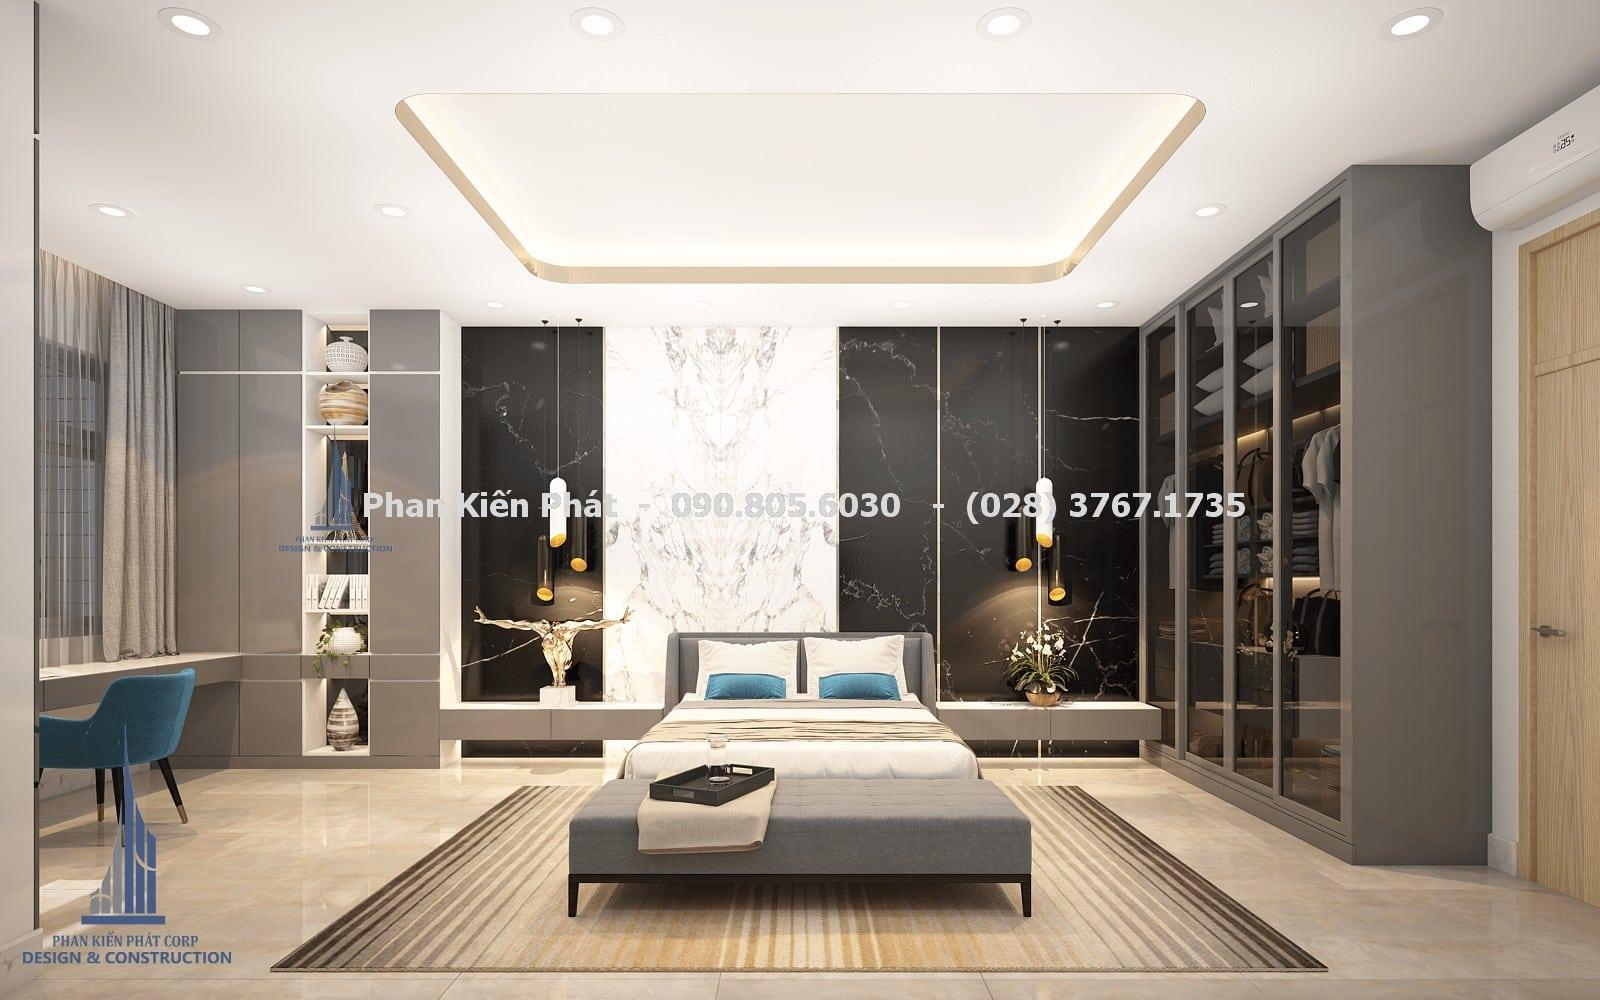 Thiết kế phòng ngủ nam đẹp với mẫu biệt thự phố 5 tầng góc 1